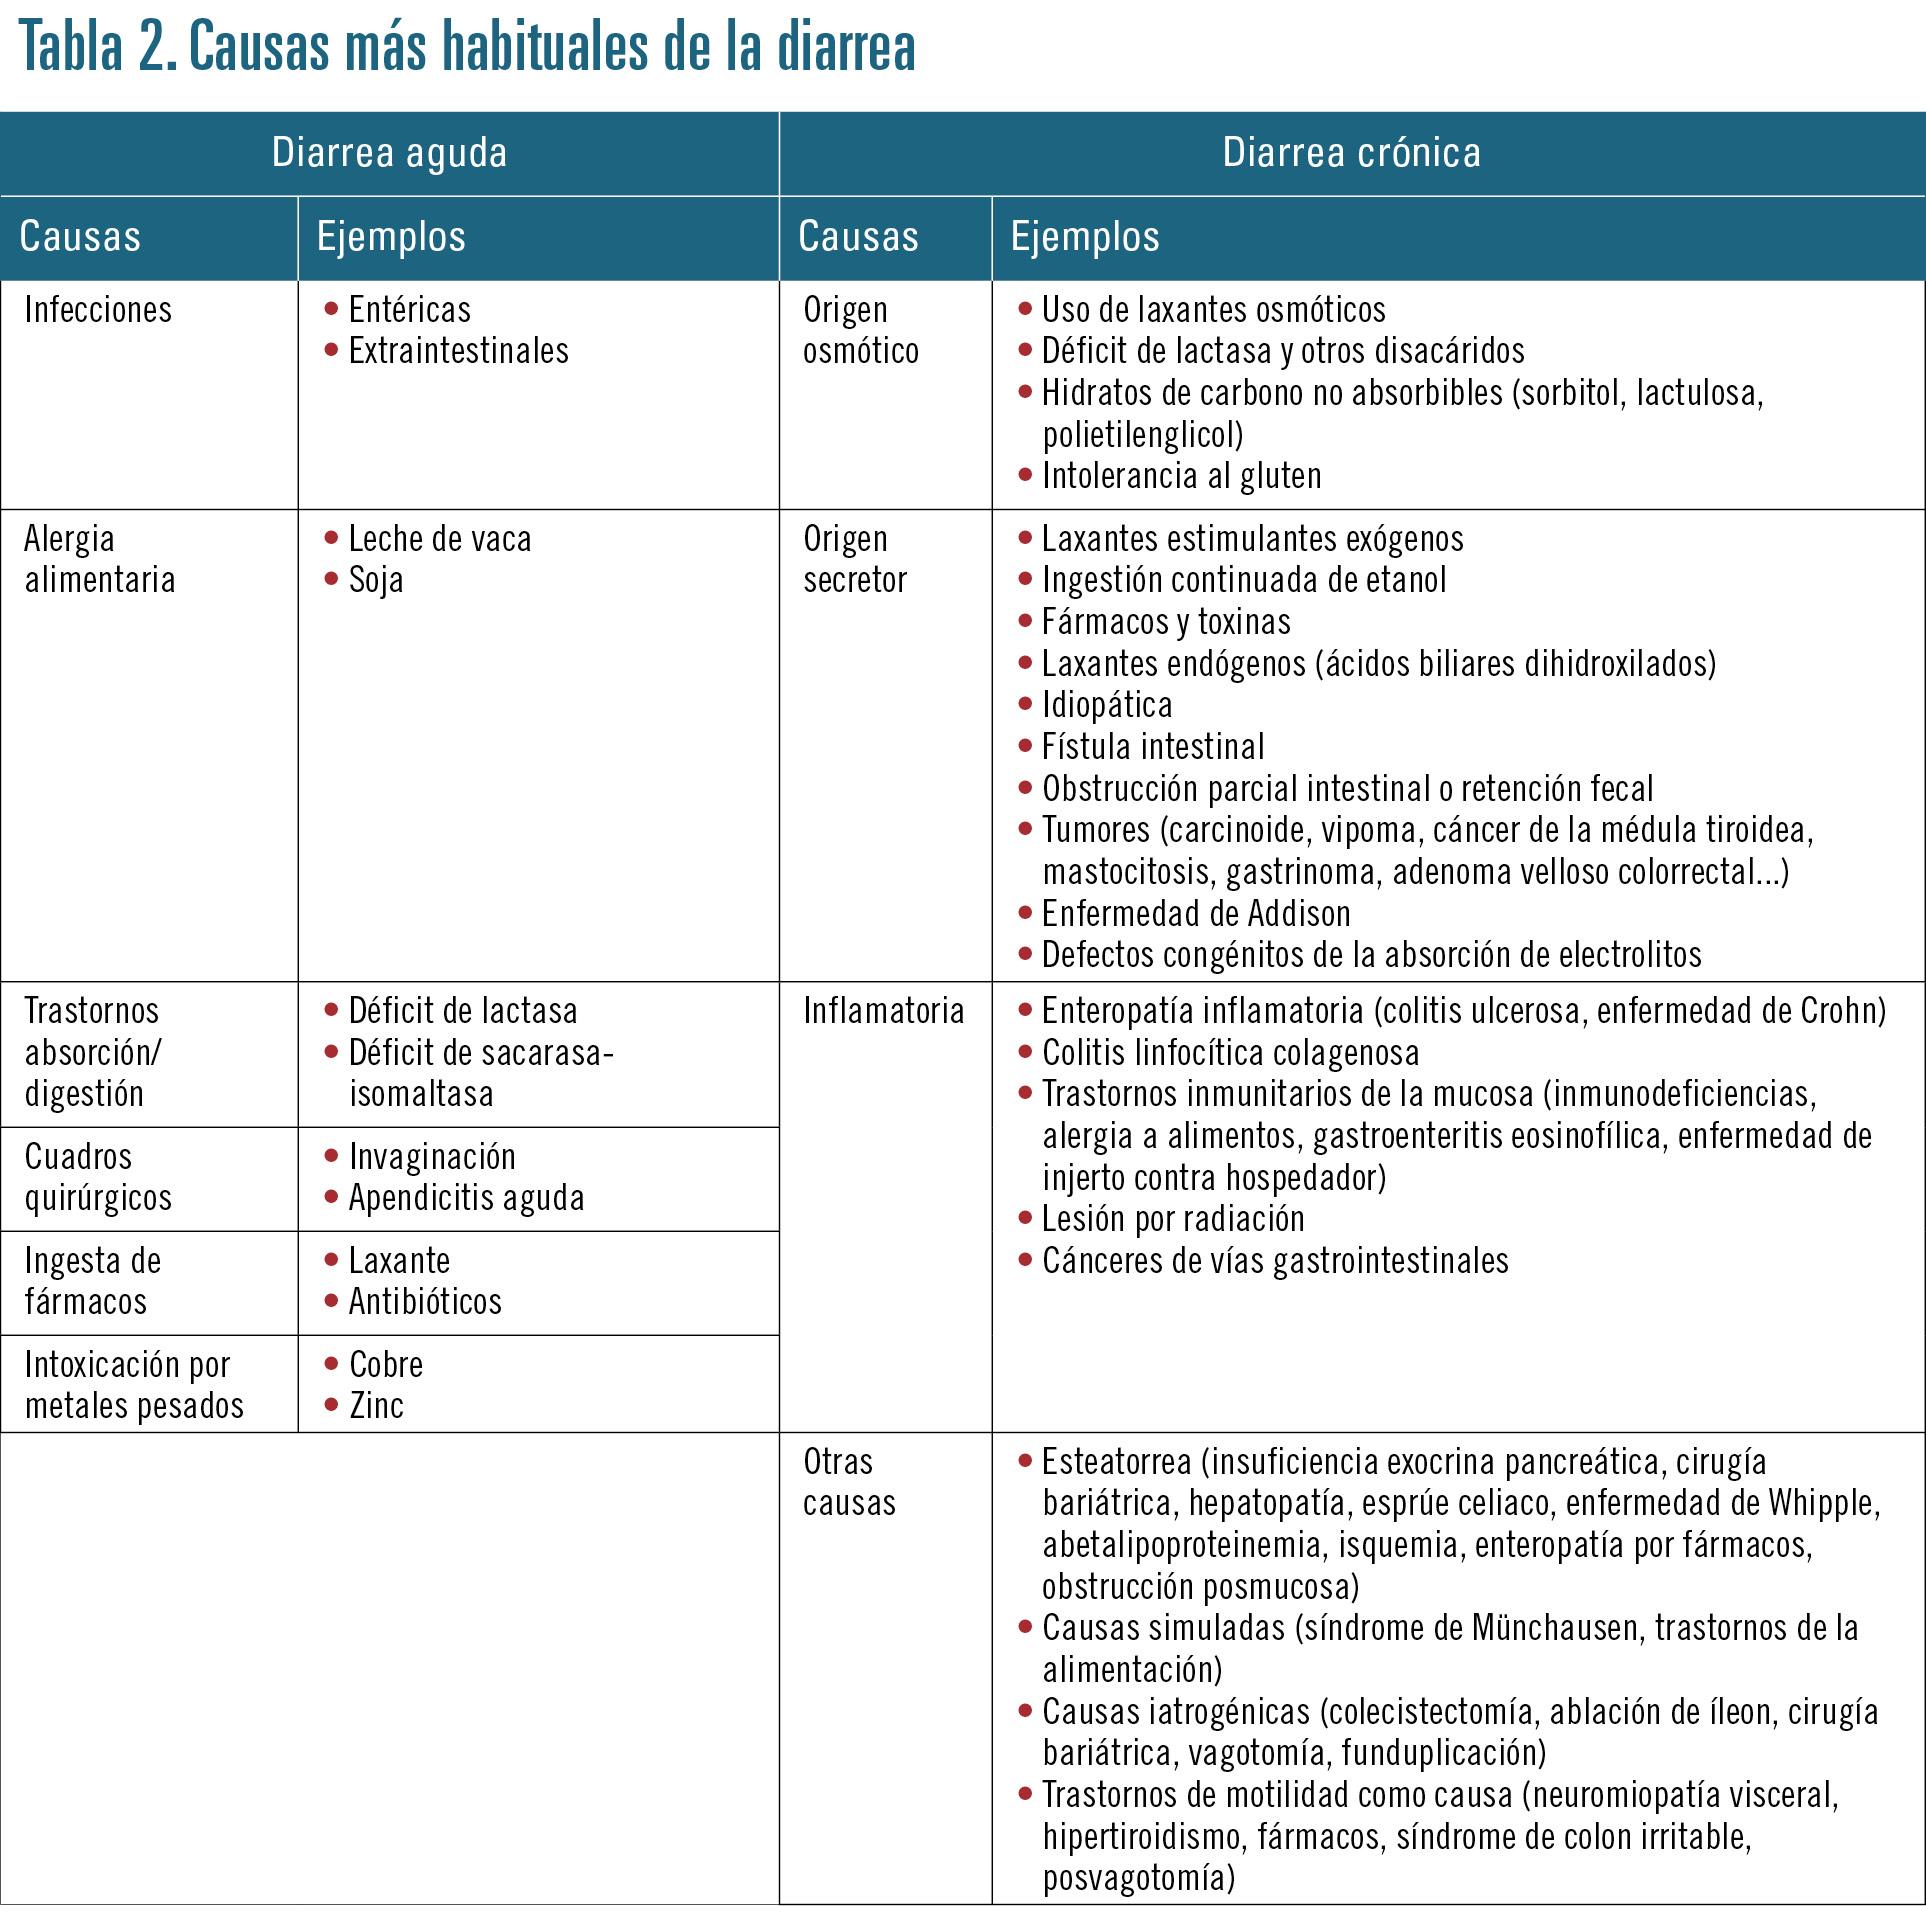 24 EF599 PROFESION manejo de la diarrea tabla 2